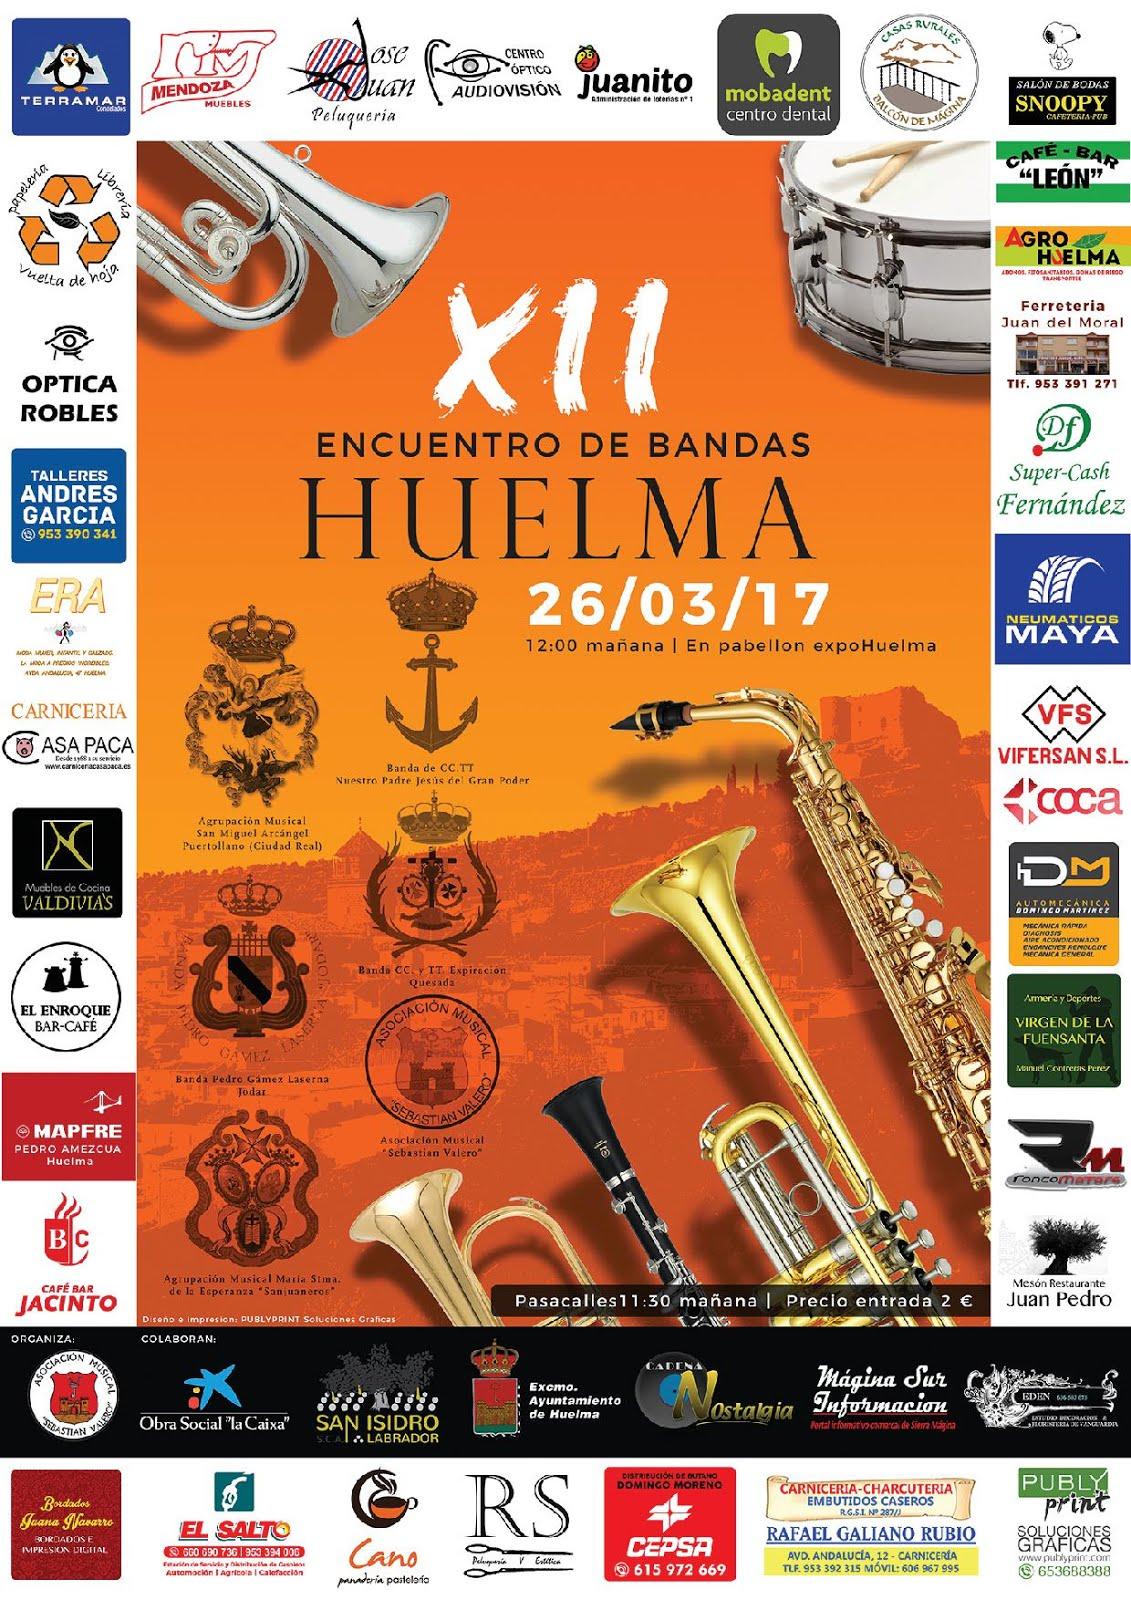 XII CERTAMEN DE BANDAS DE MÚSICA COFRADE 2016 EN HUELMA